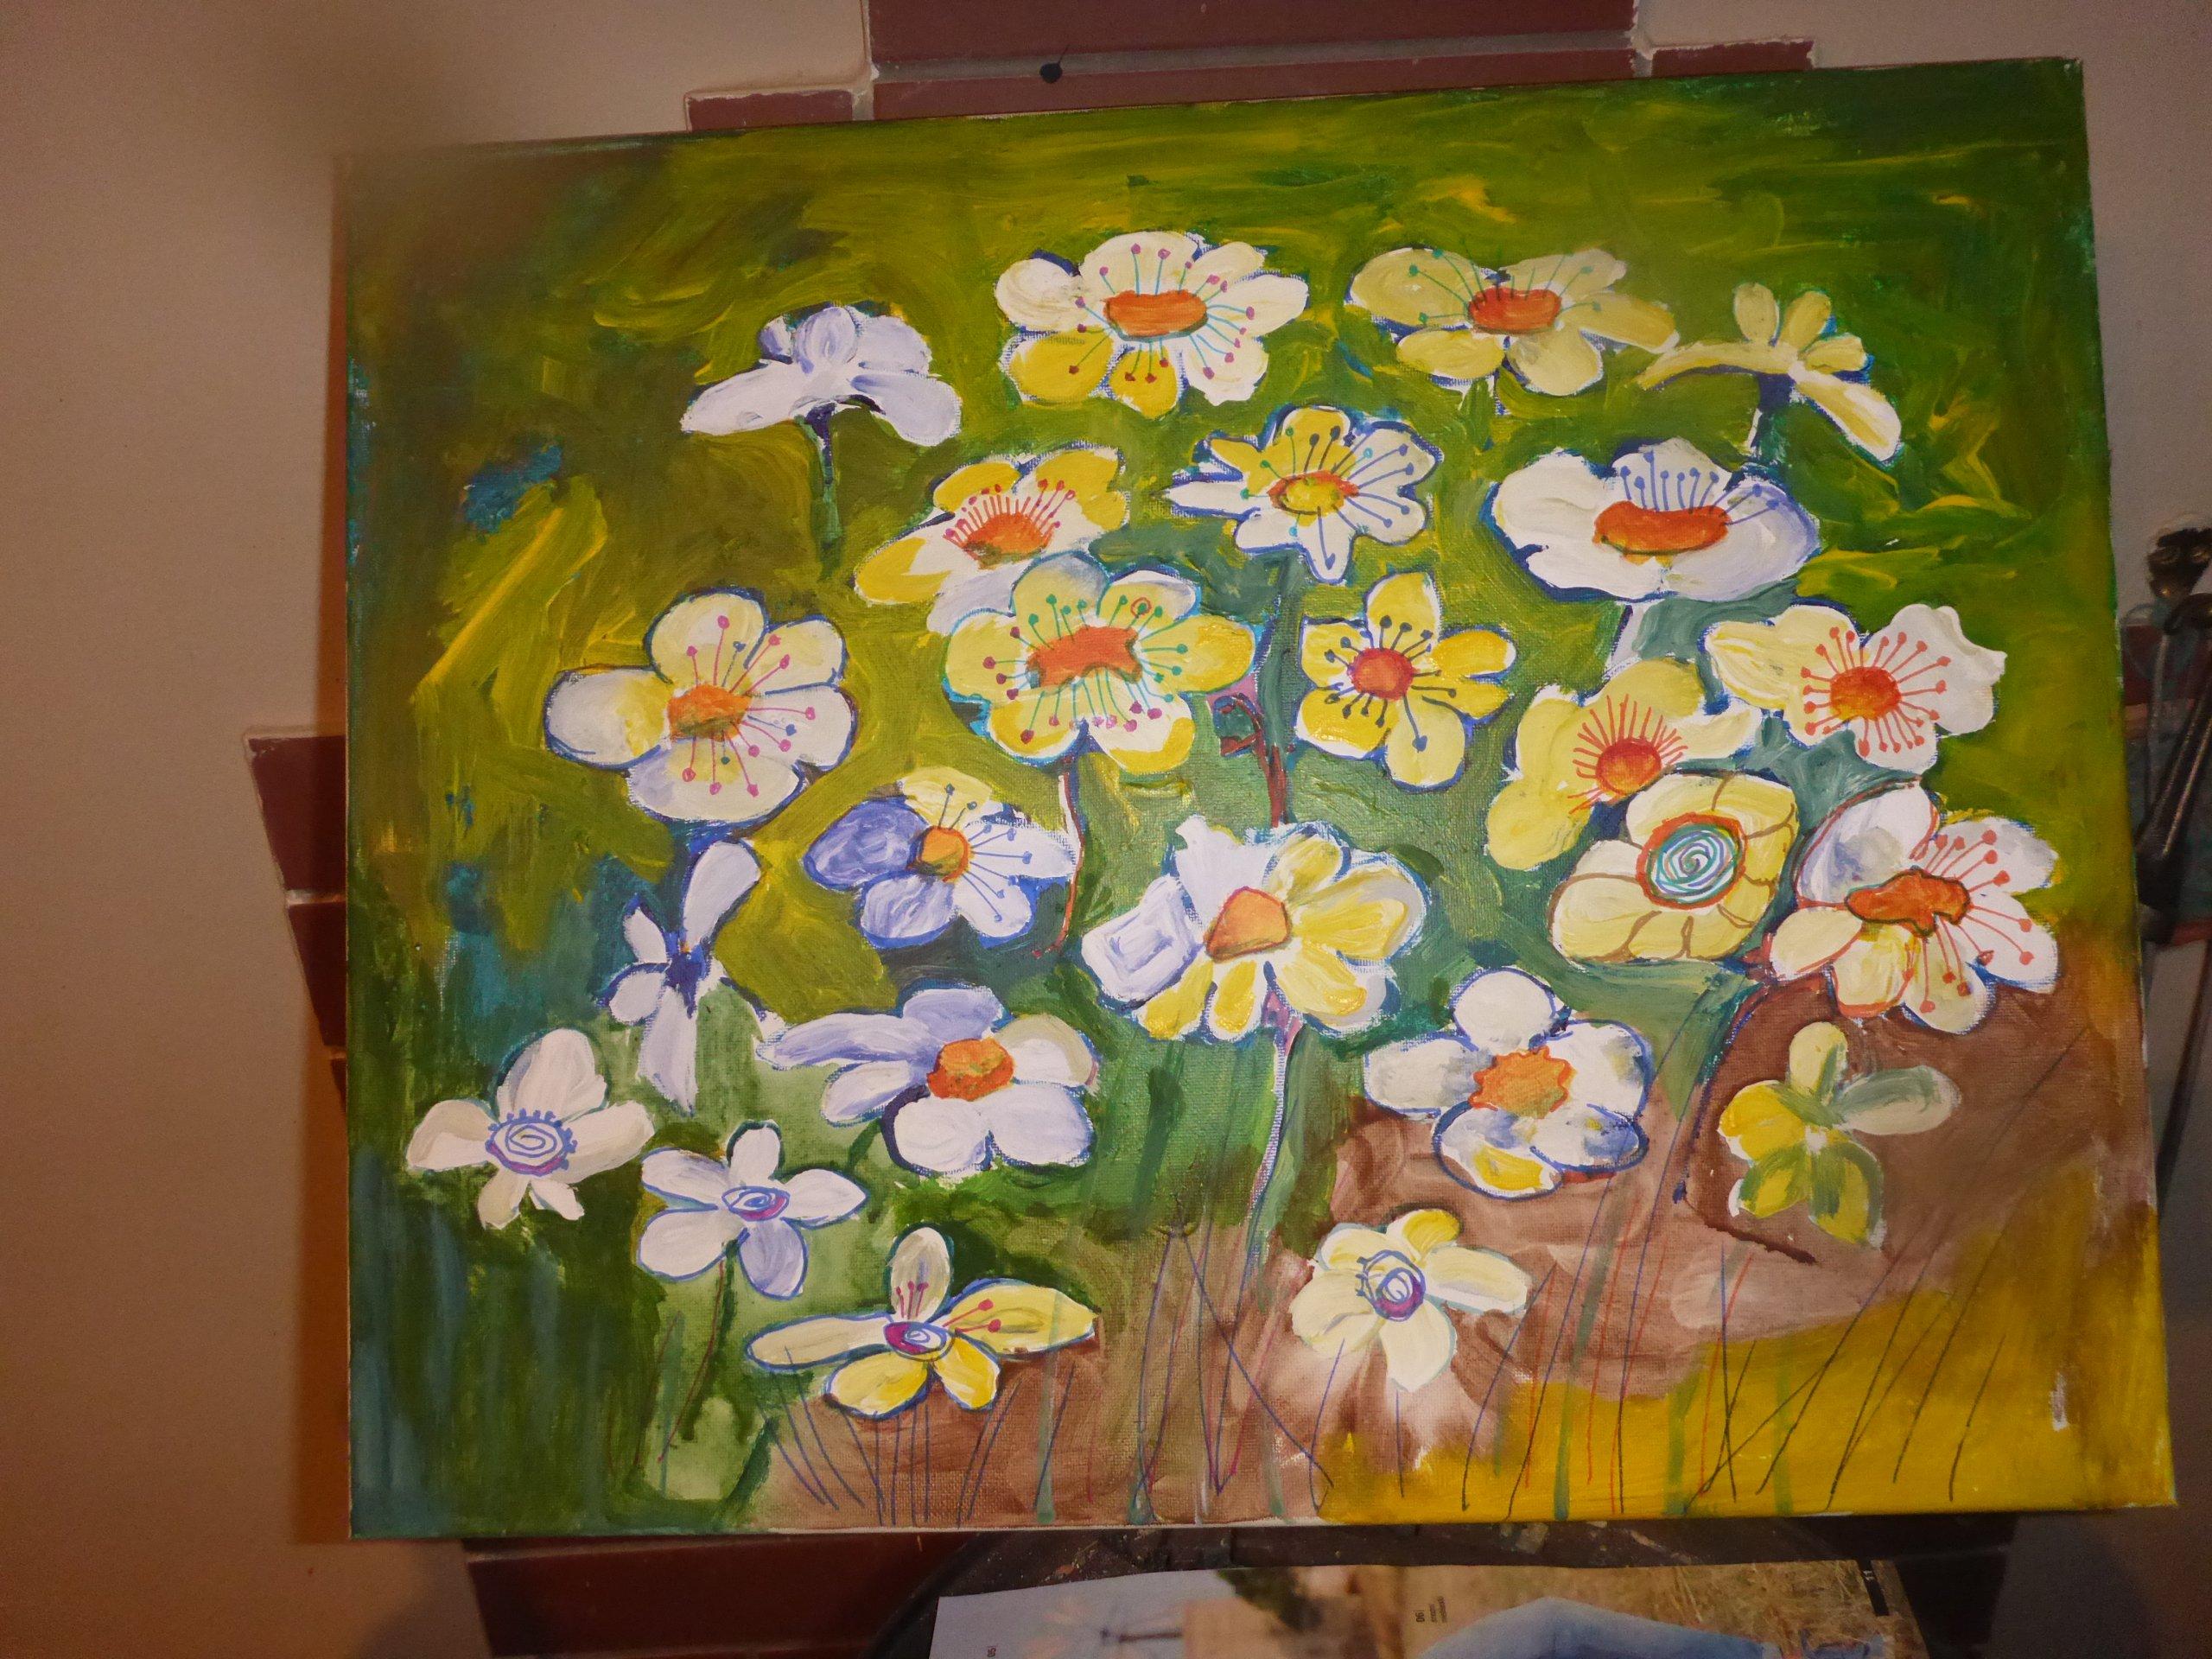 Obraz Akrylowy Kwiaty 7183621053 Oficjalne Archiwum Allegro